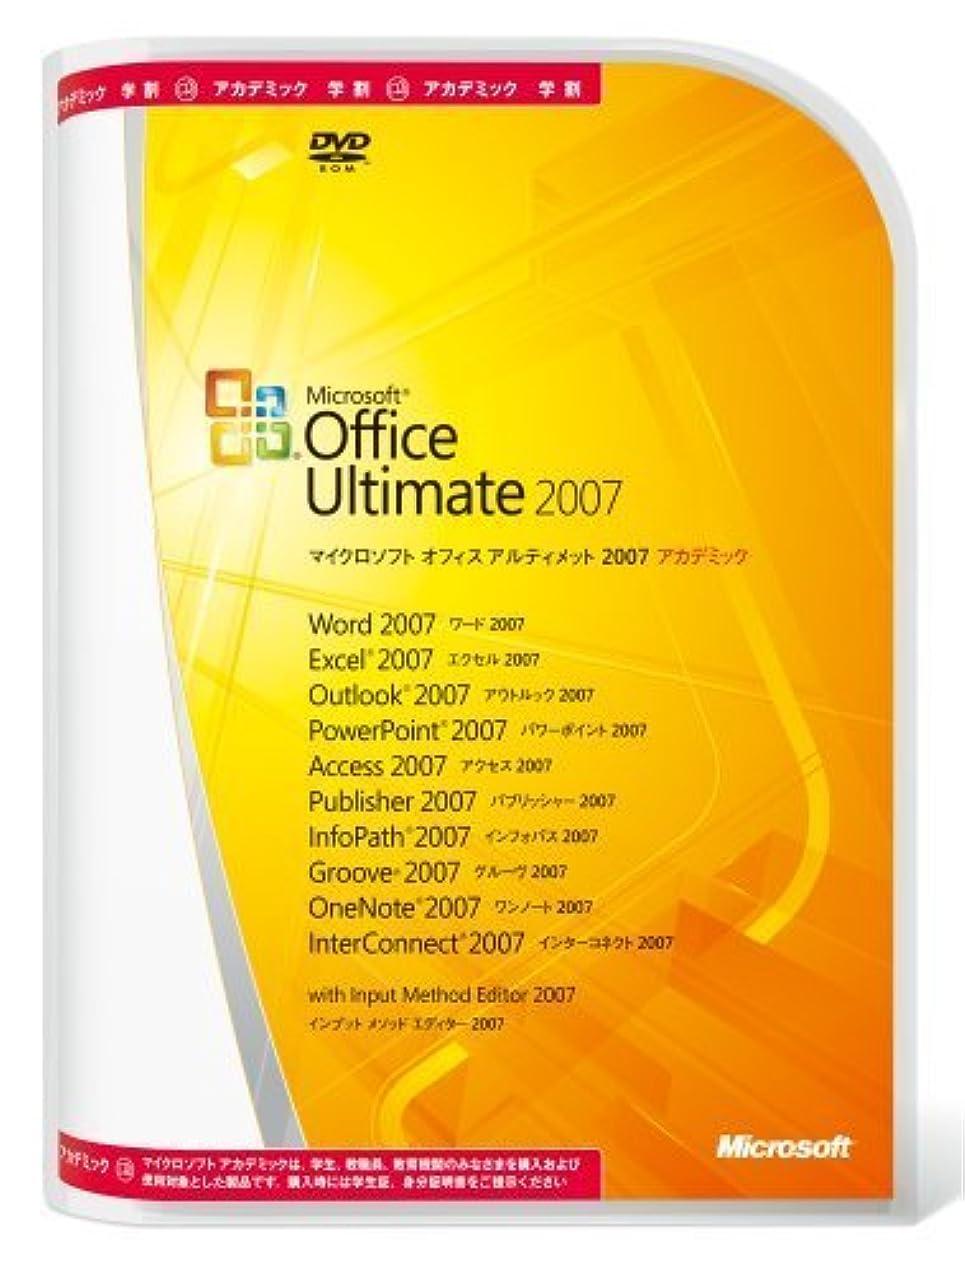 脚課す原子【旧商品/メーカー出荷終了/サポート終了】Microsoft Office 2007 Ultimate アカデミック